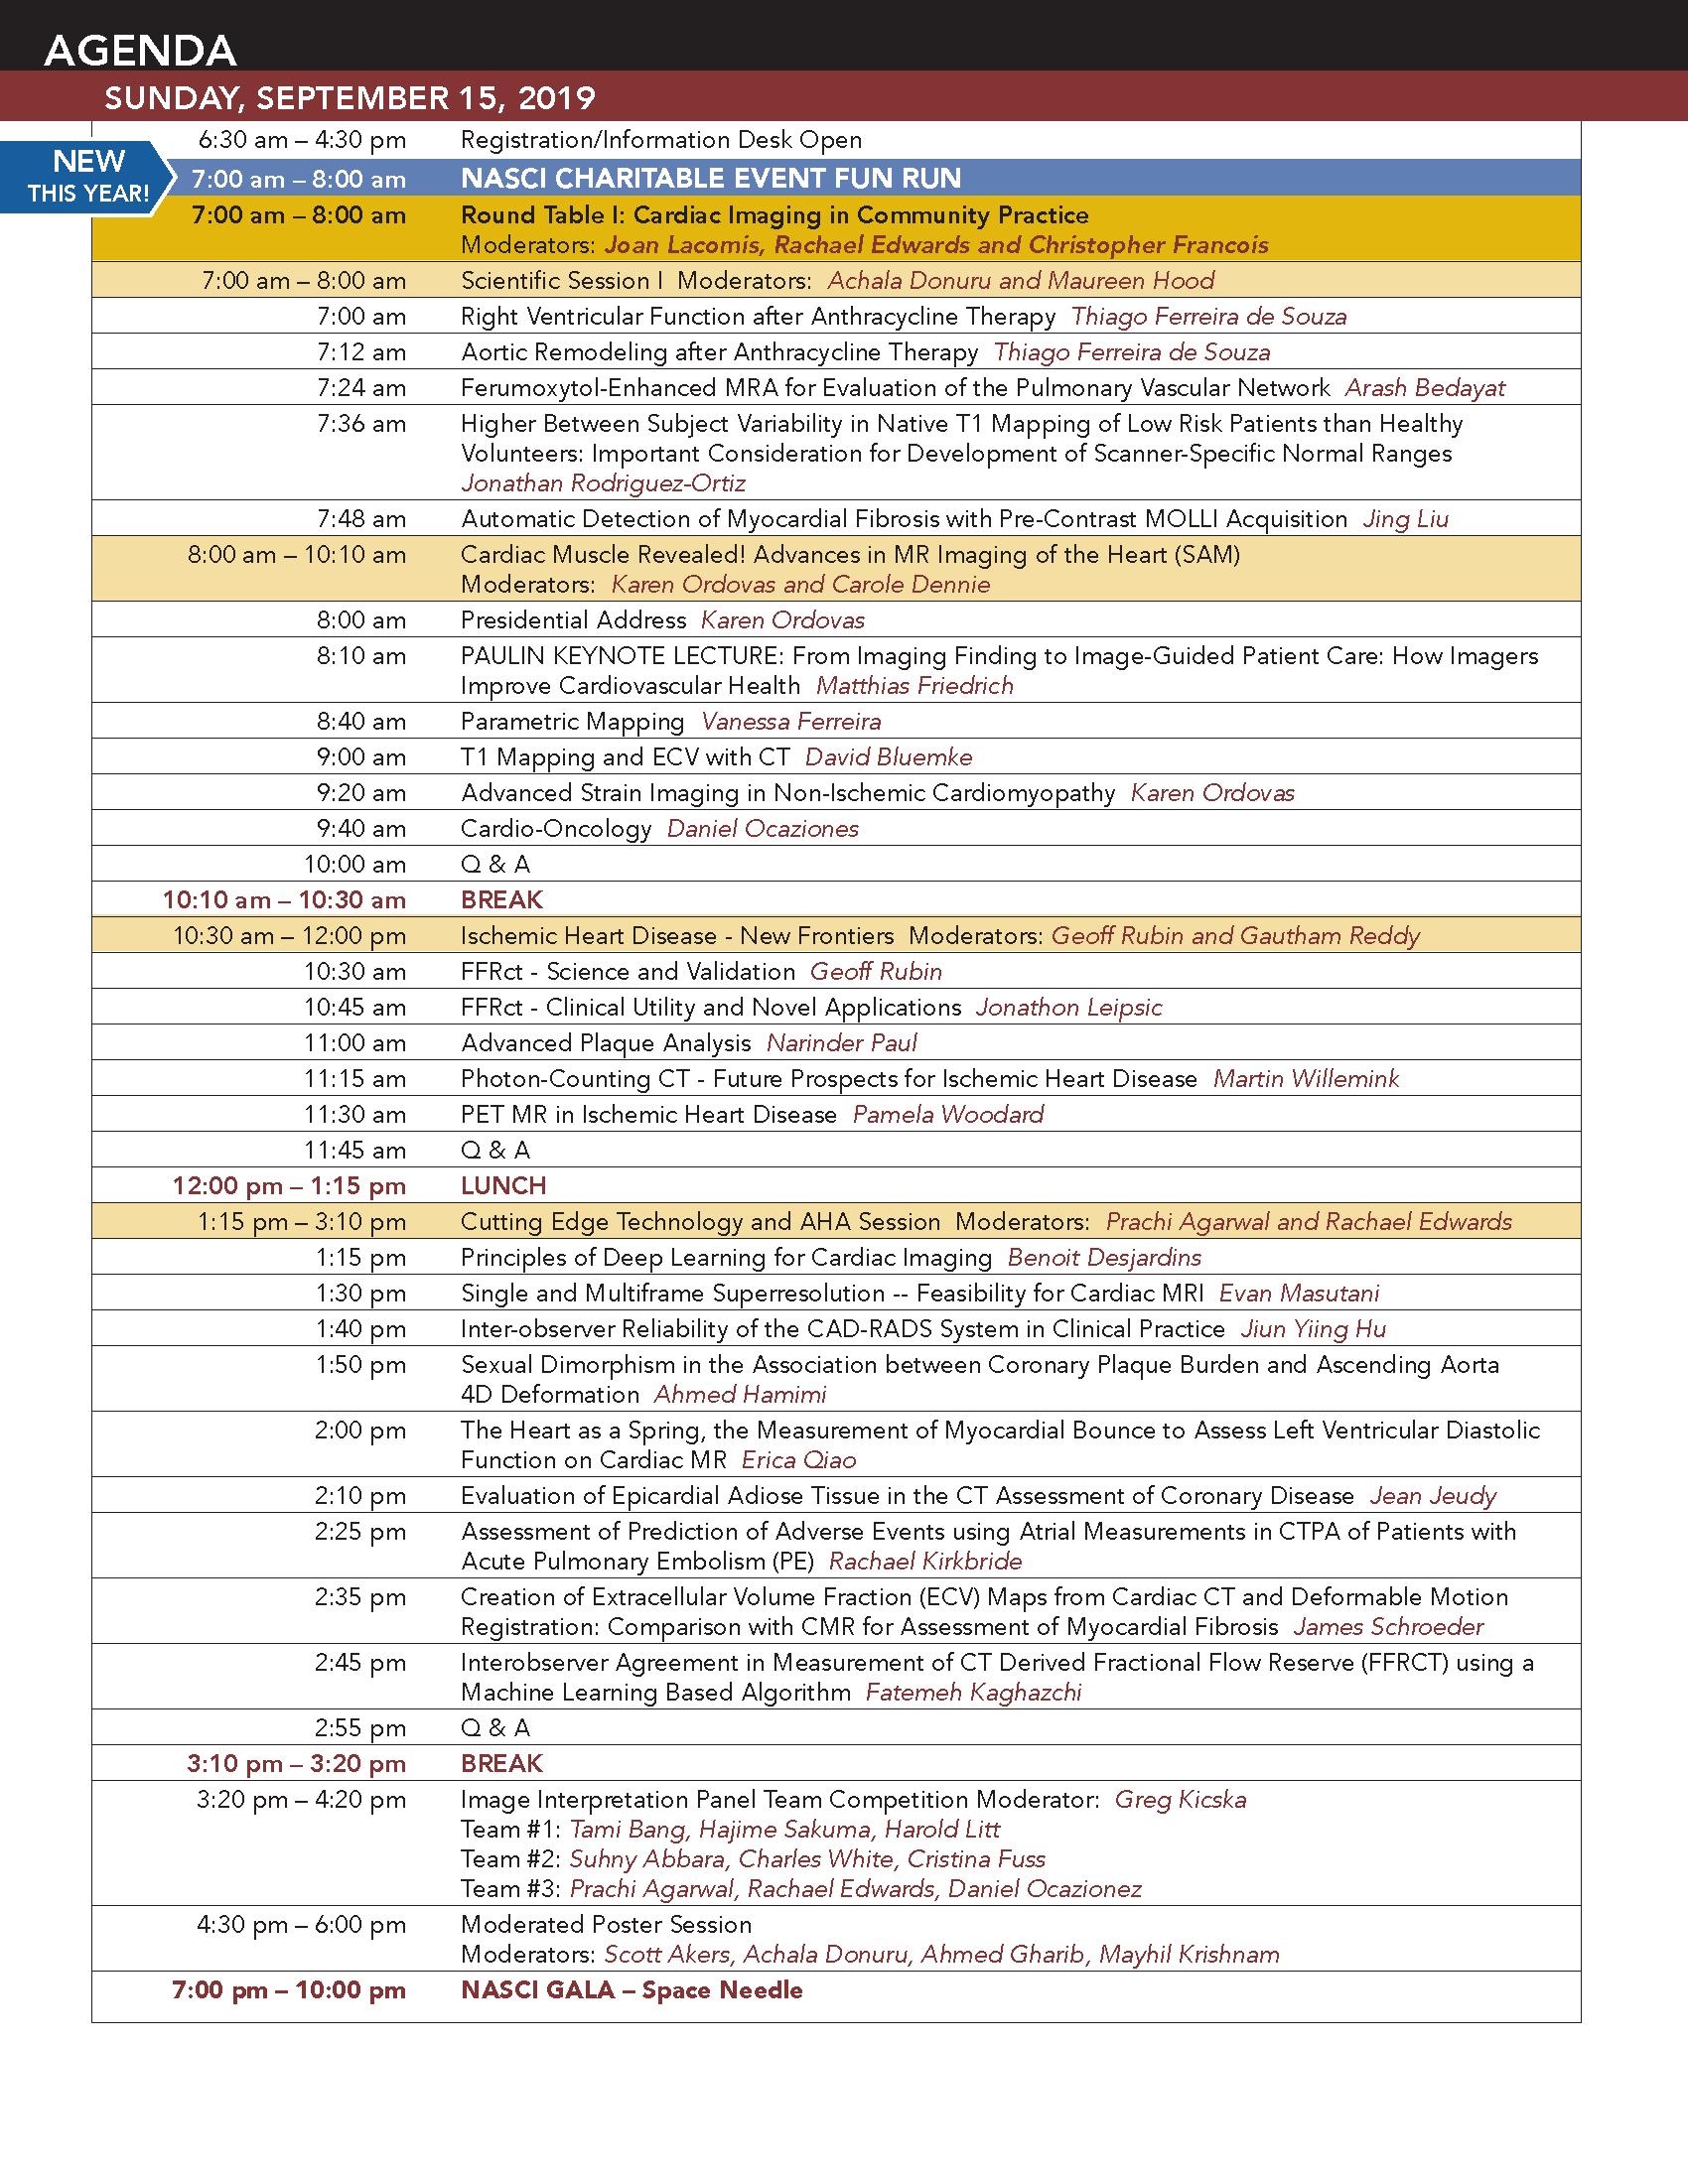 Future Meetings | NASCI